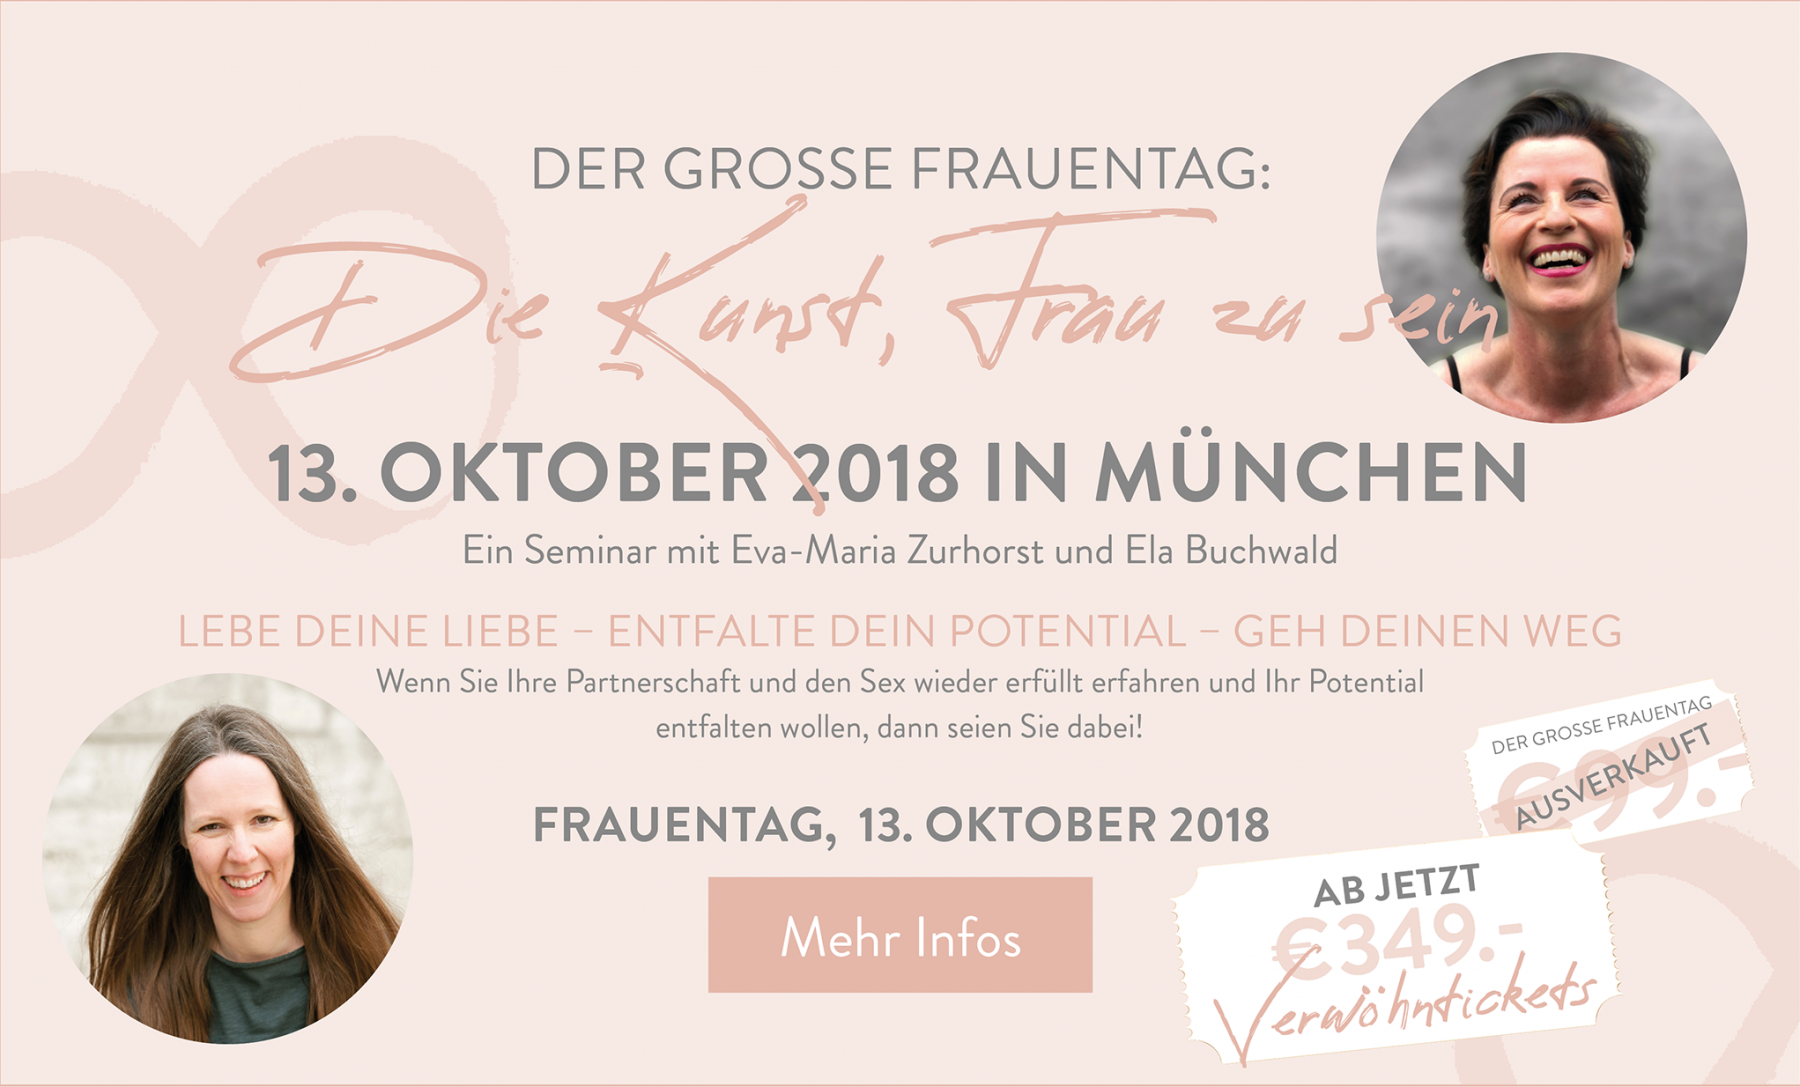 DieKunstFrauzusein_Banner_Website